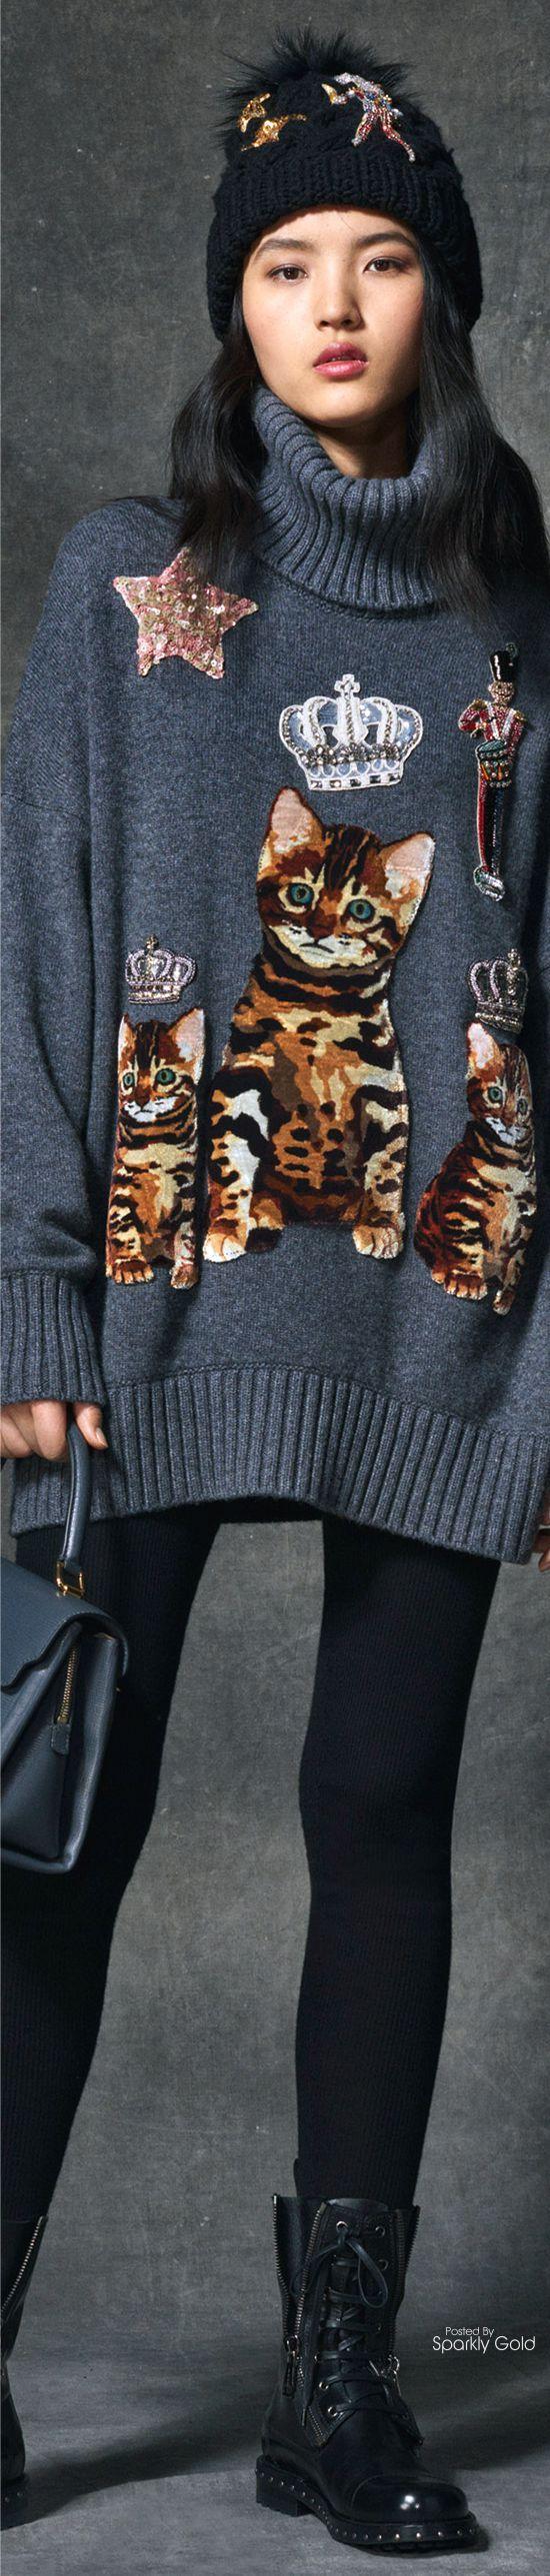 D&G Fall 2016 Cat Sweater Wonderland